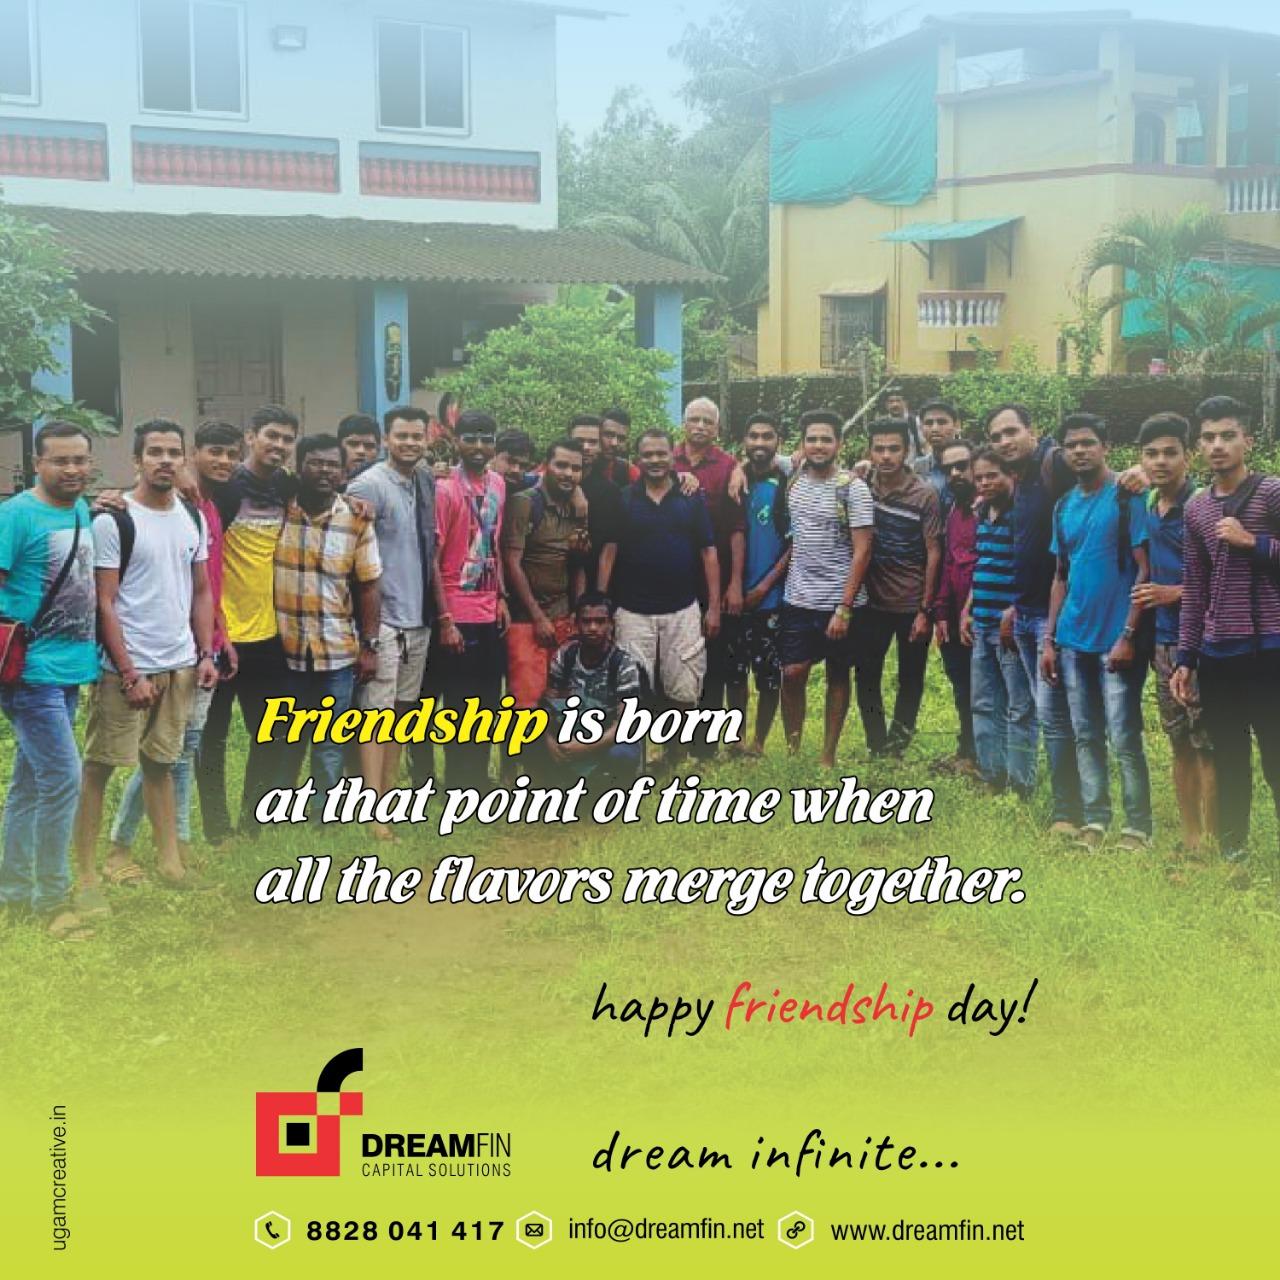 Dreamfin_friendshipday